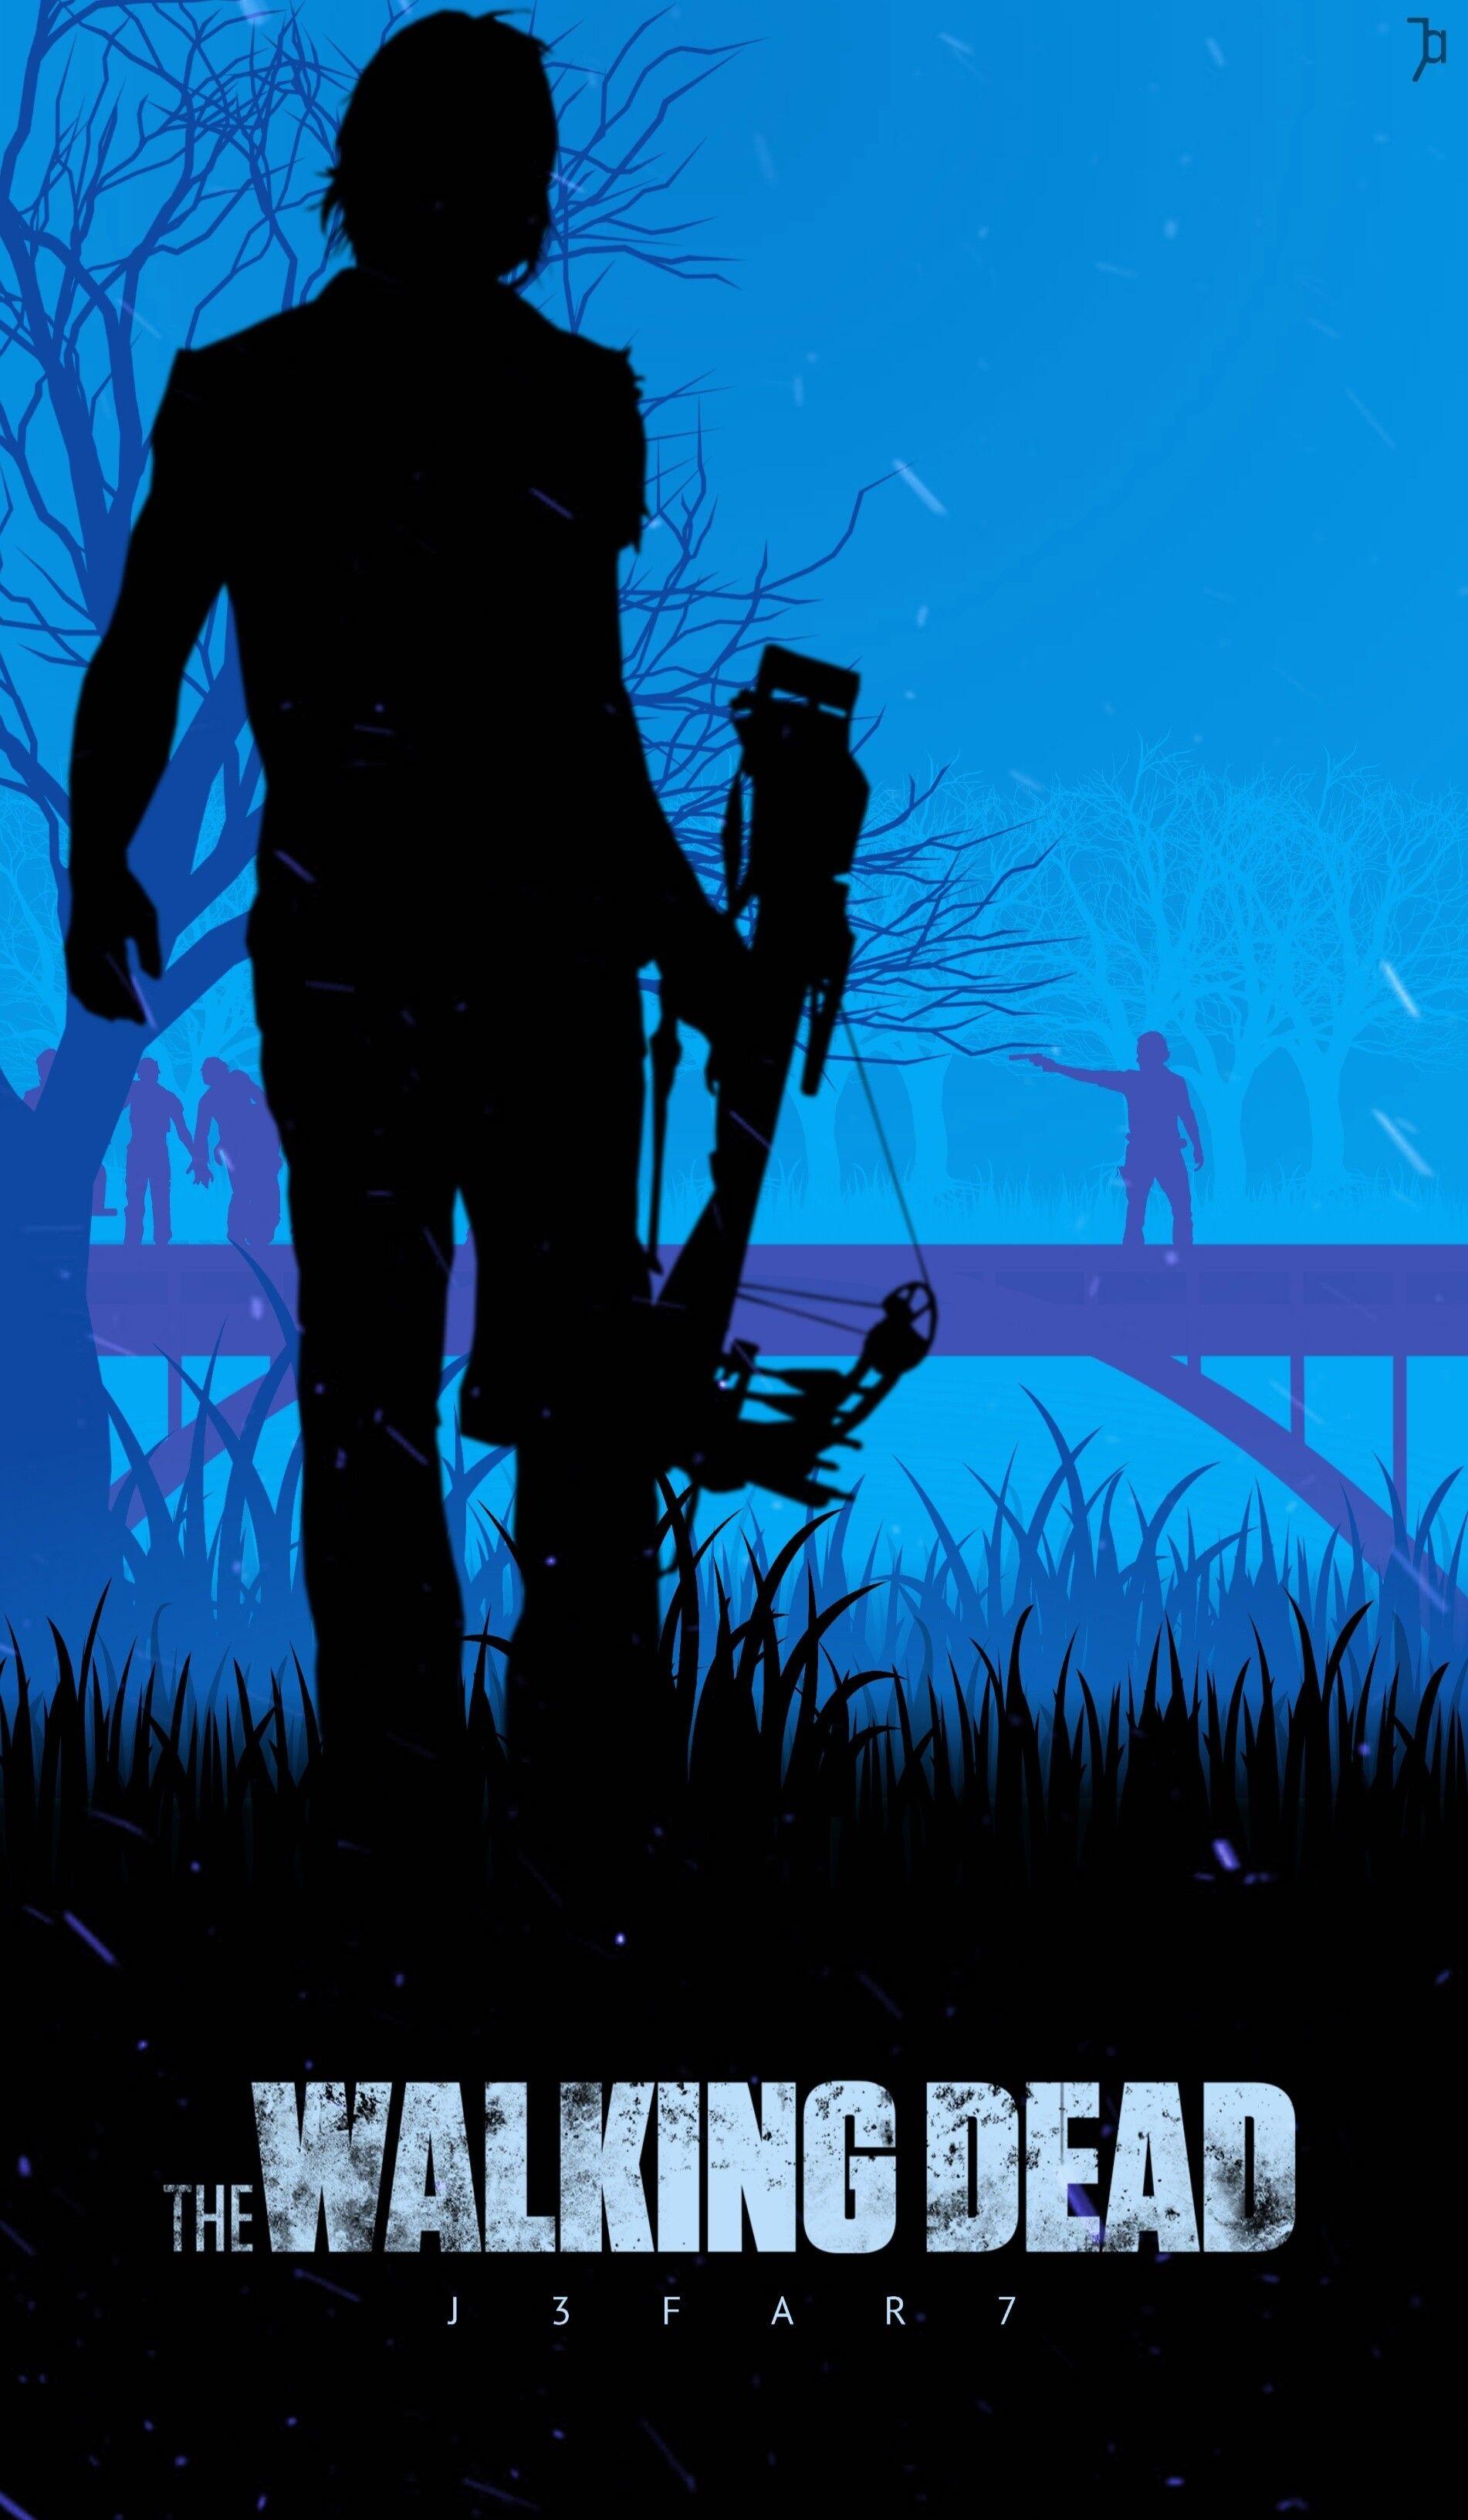 Rick S End Twd Cesar Jaffar The Walking Dead Poster Walking Dead Fan Art Daryl Dixon Walking Dead